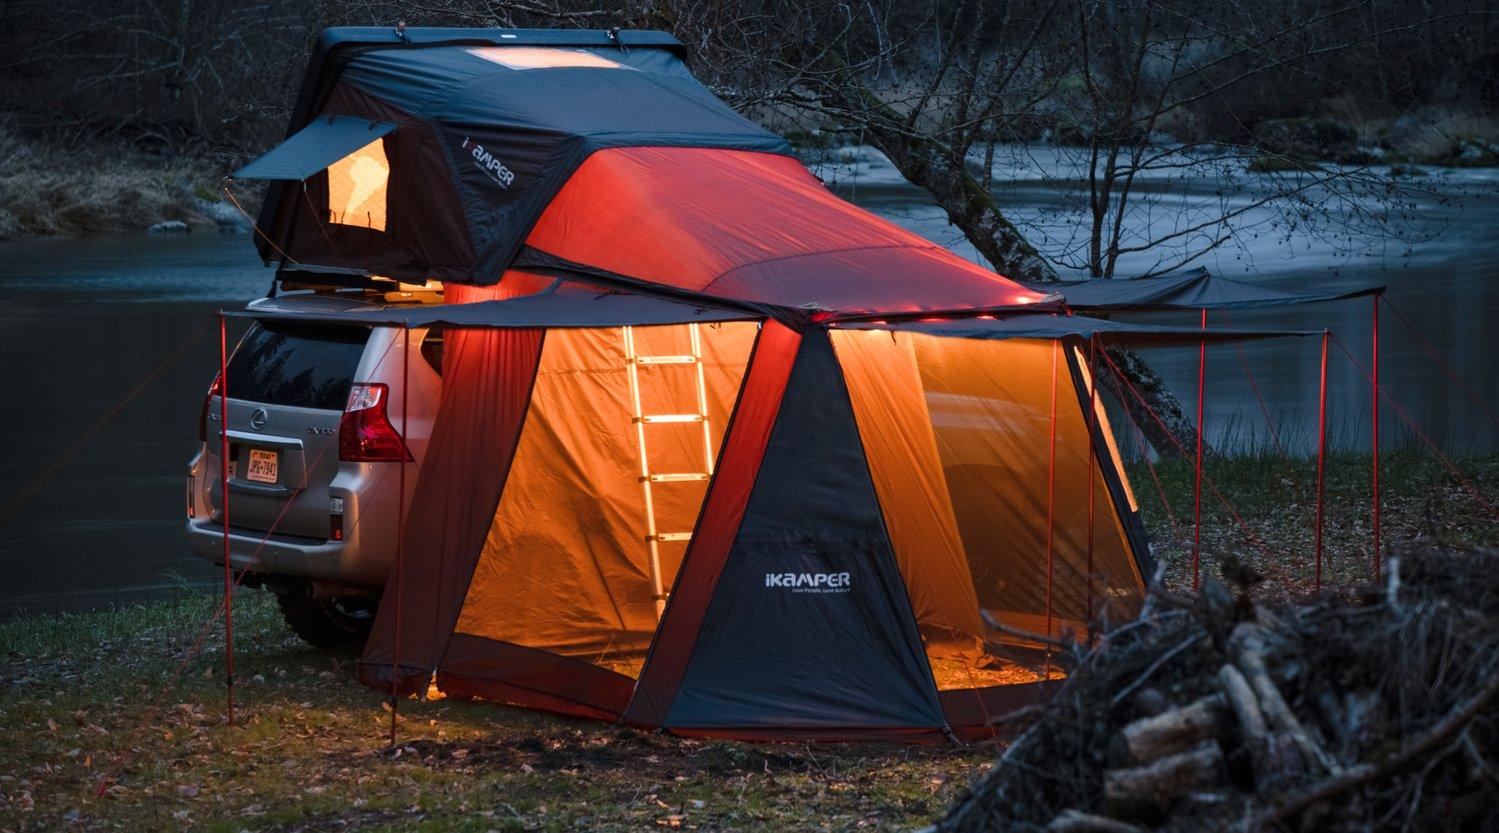 たった1分でキャンピングカーになる!?休日が楽しくなるオススメのルーフテントをご紹介!